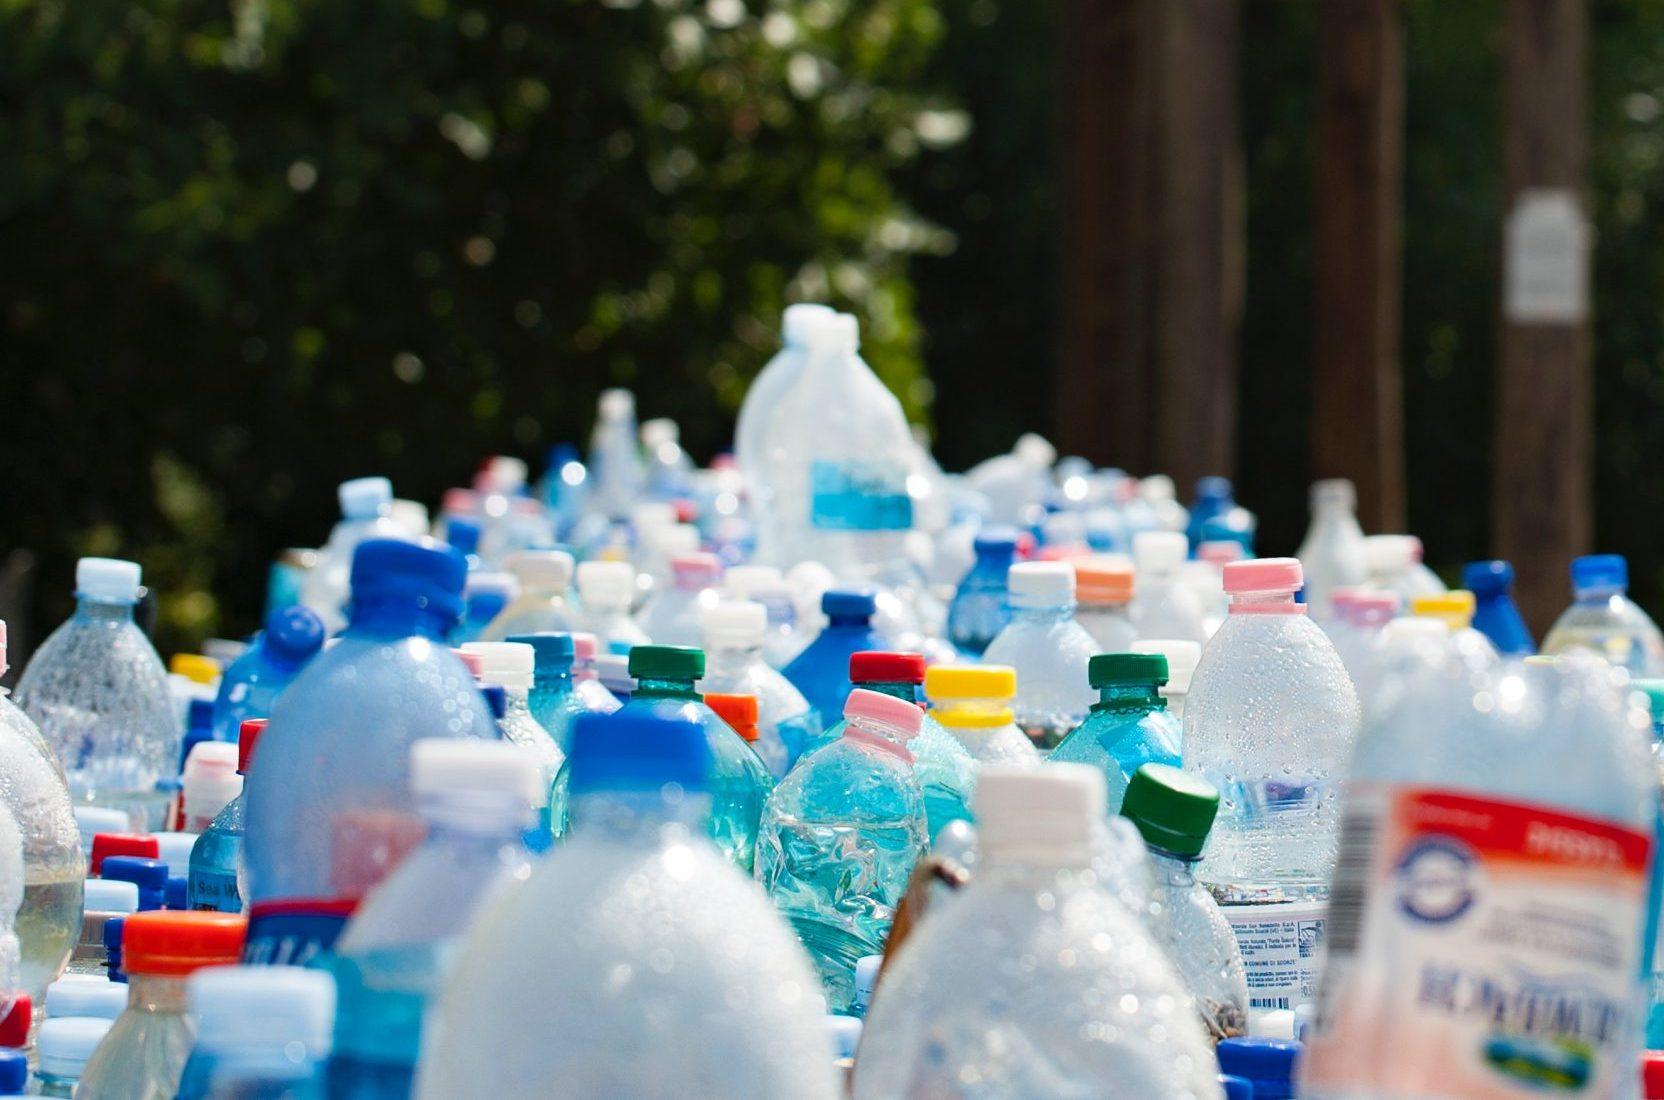 Butelki plastikowe ustawione w długim rzędzie